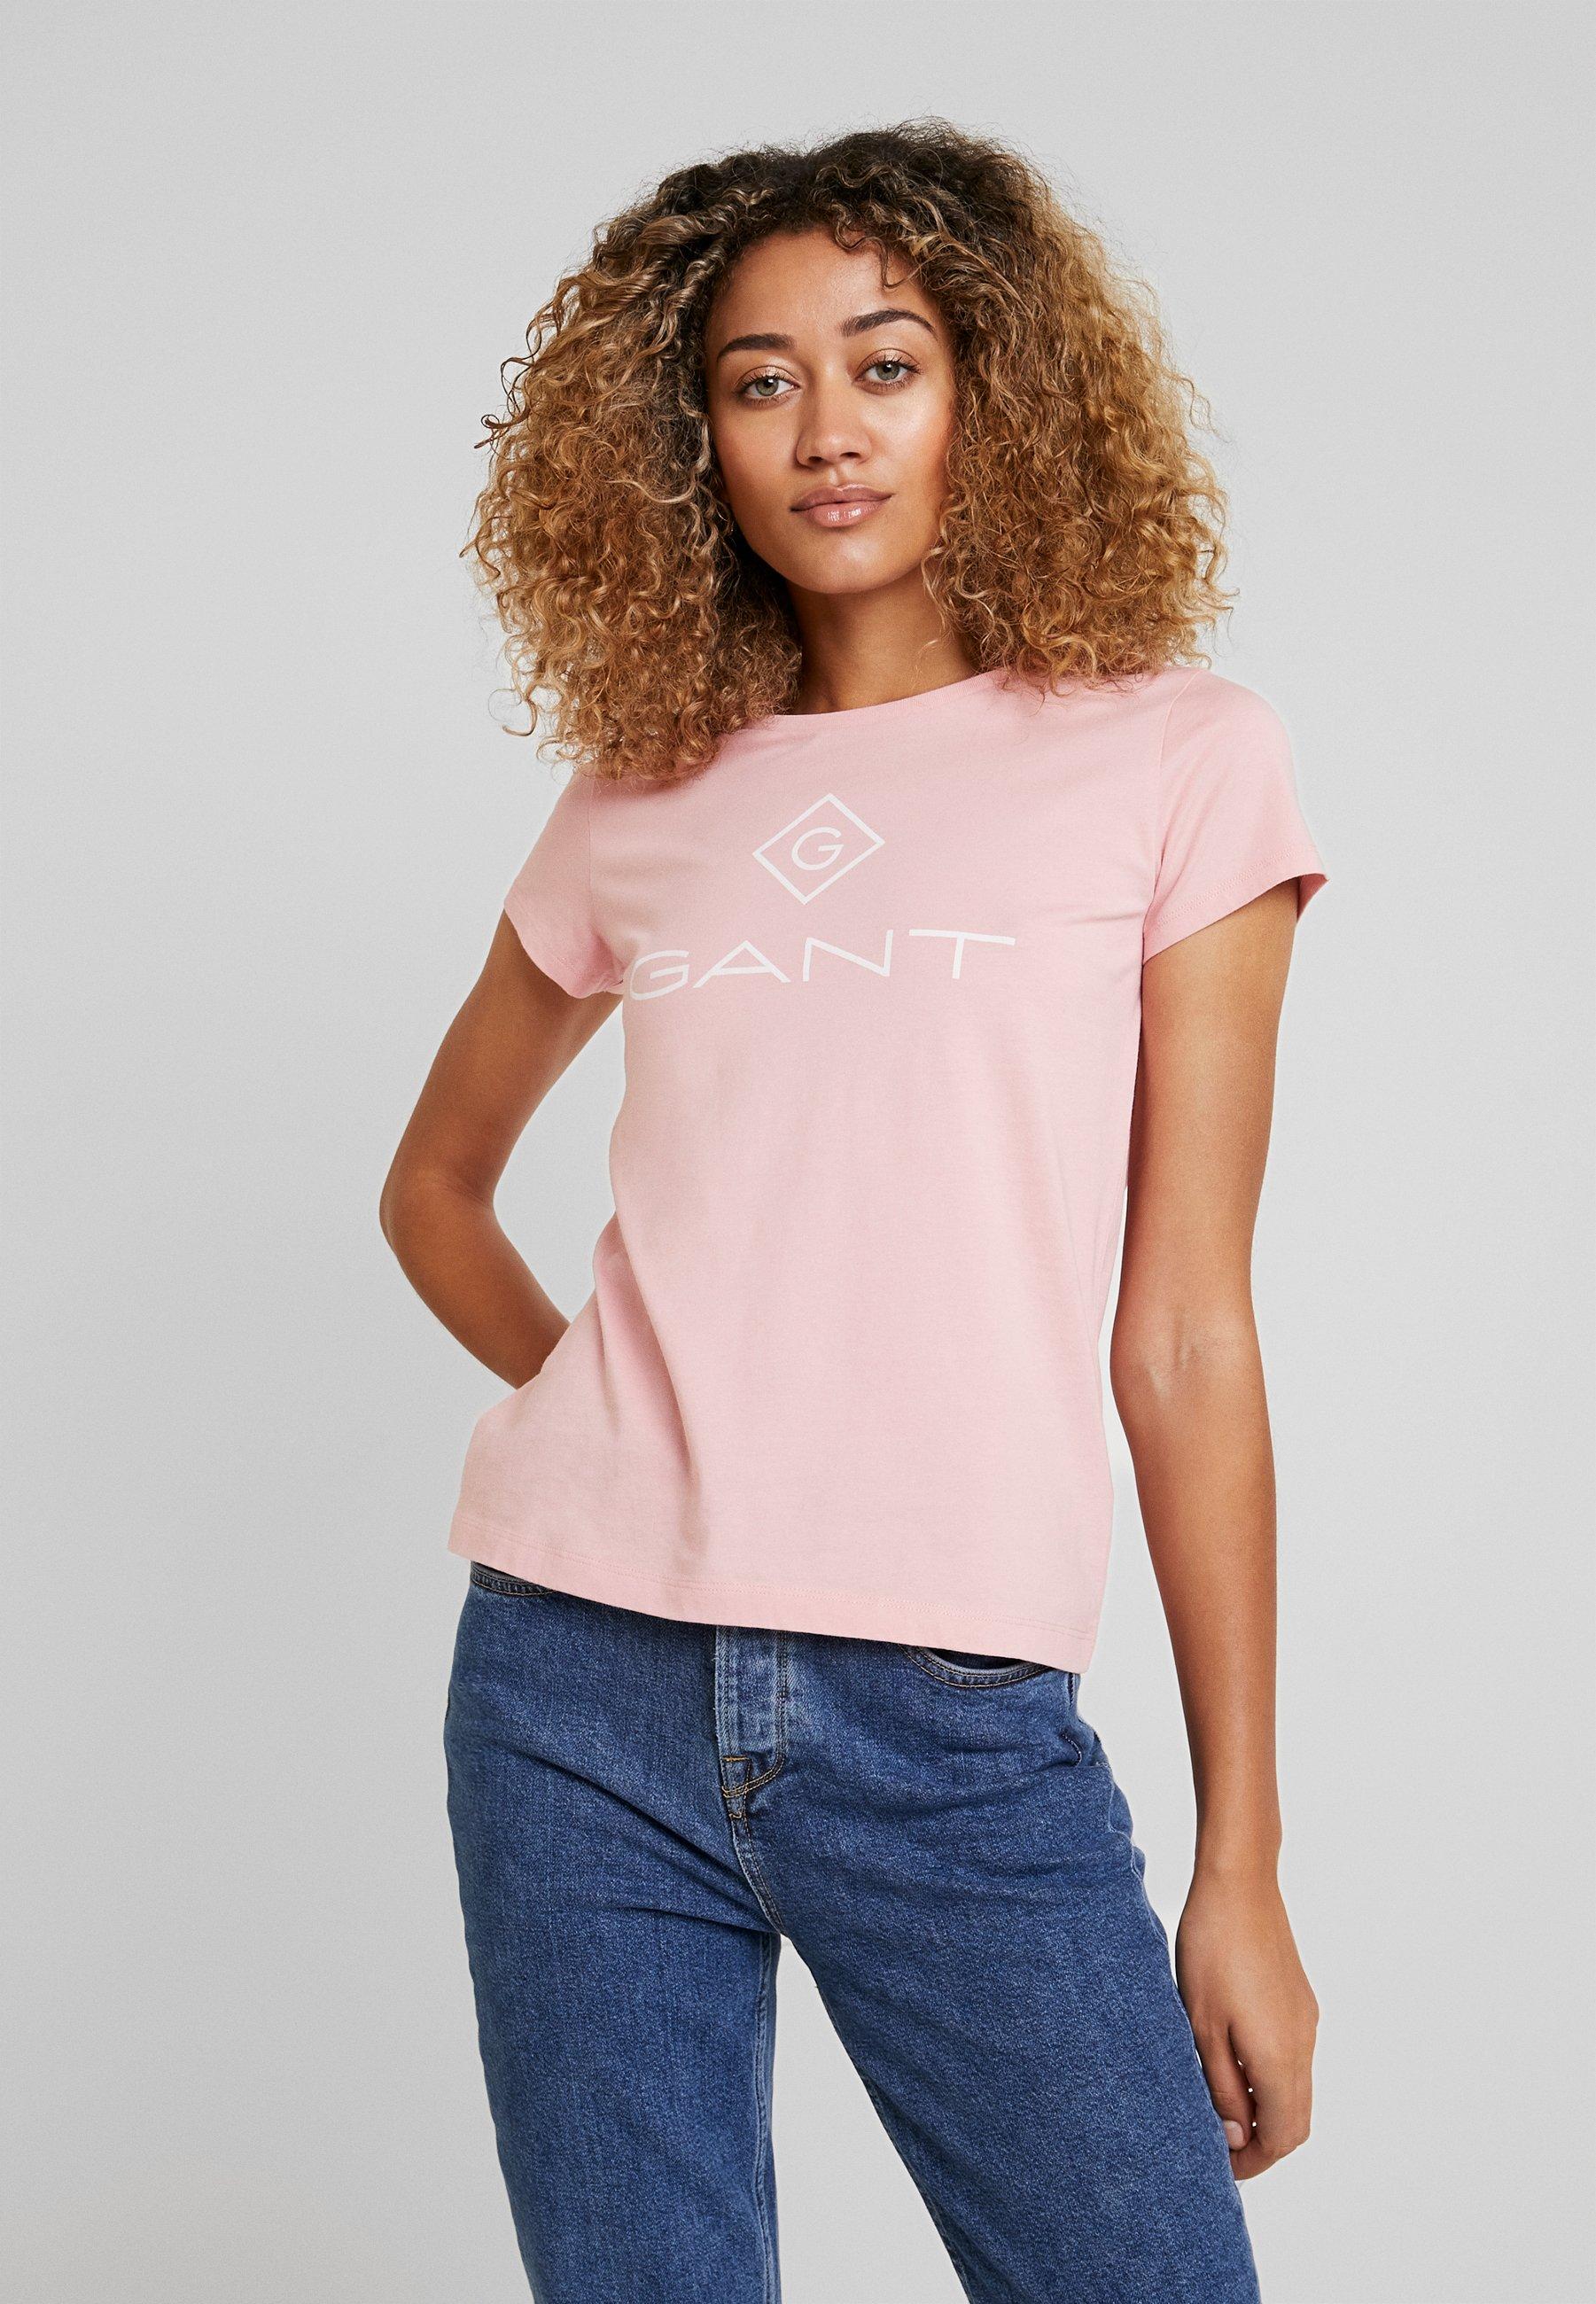 Stampa T shirt Rose Gant Summer Con c5jARq34L